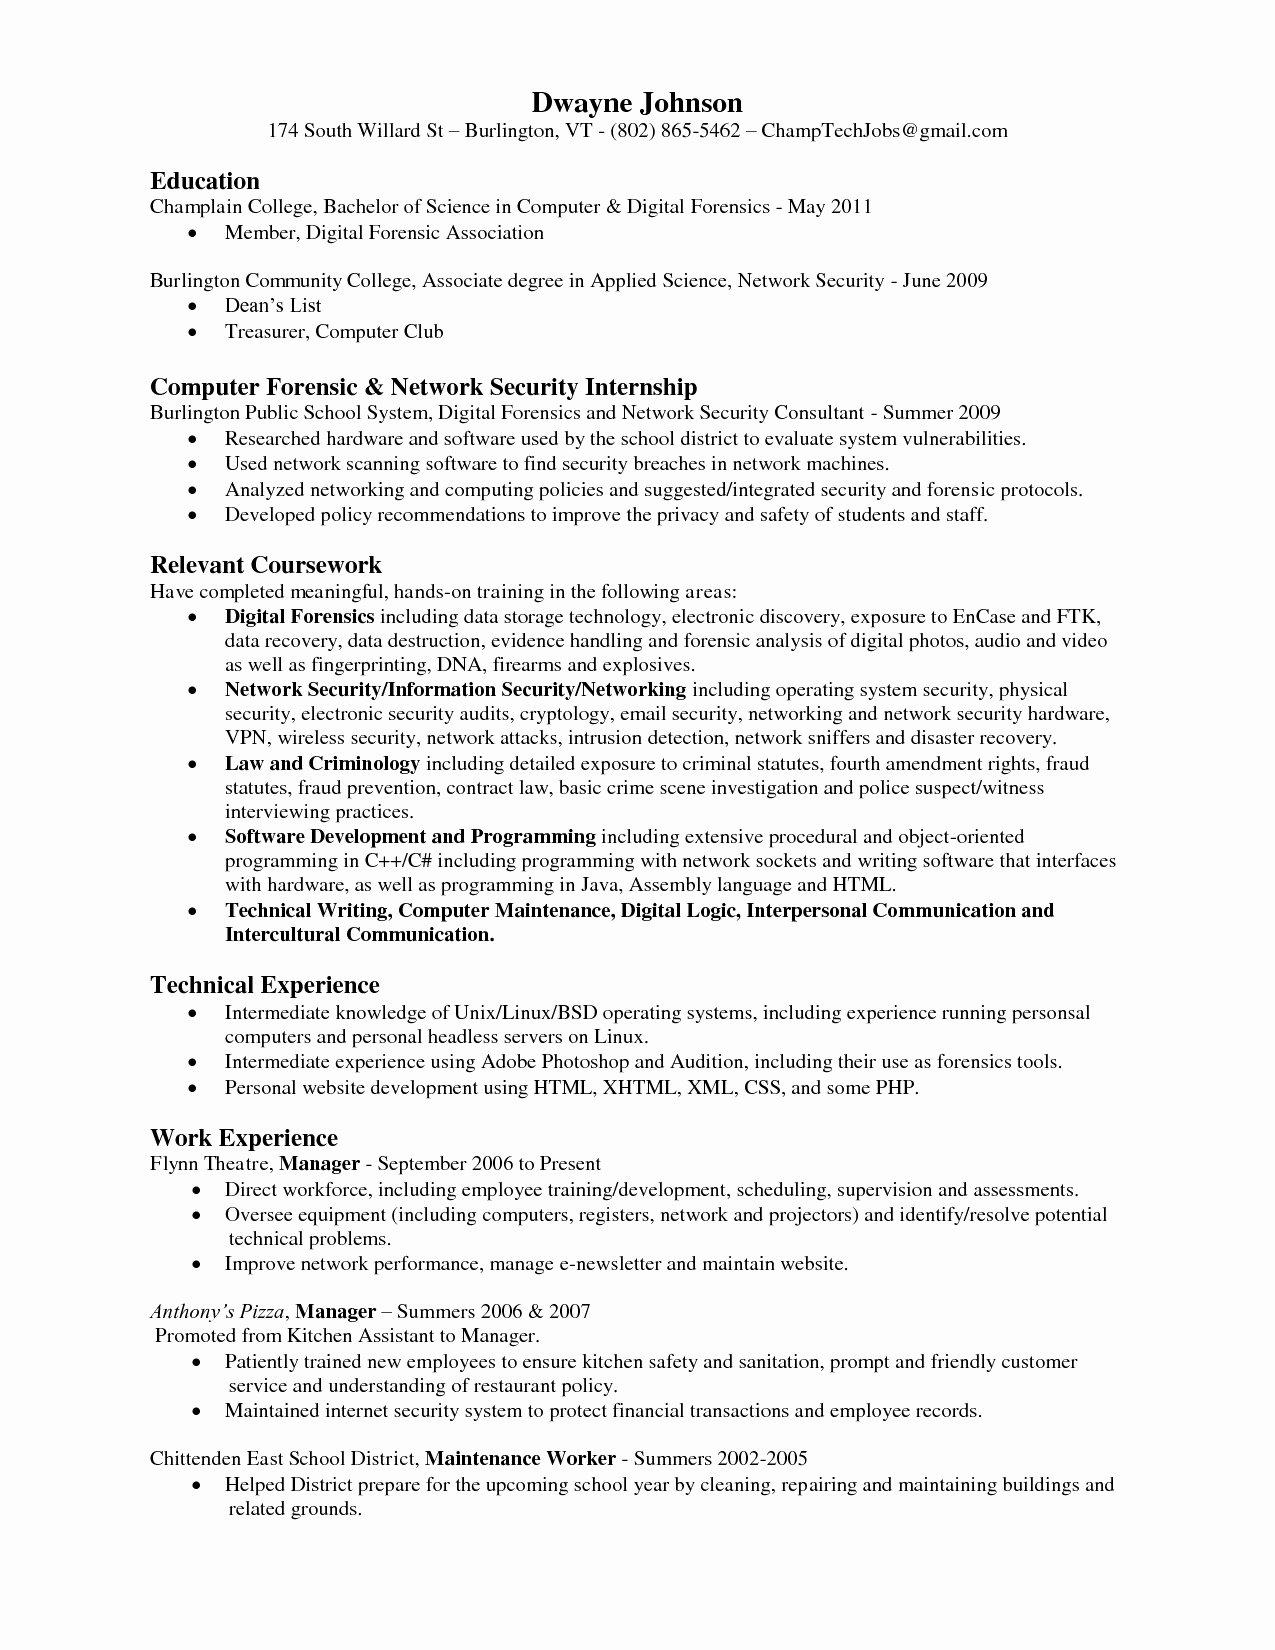 Incomplete Masters Degree On Resume Elegant Resume Unfinished Masters Degree Resume Examples